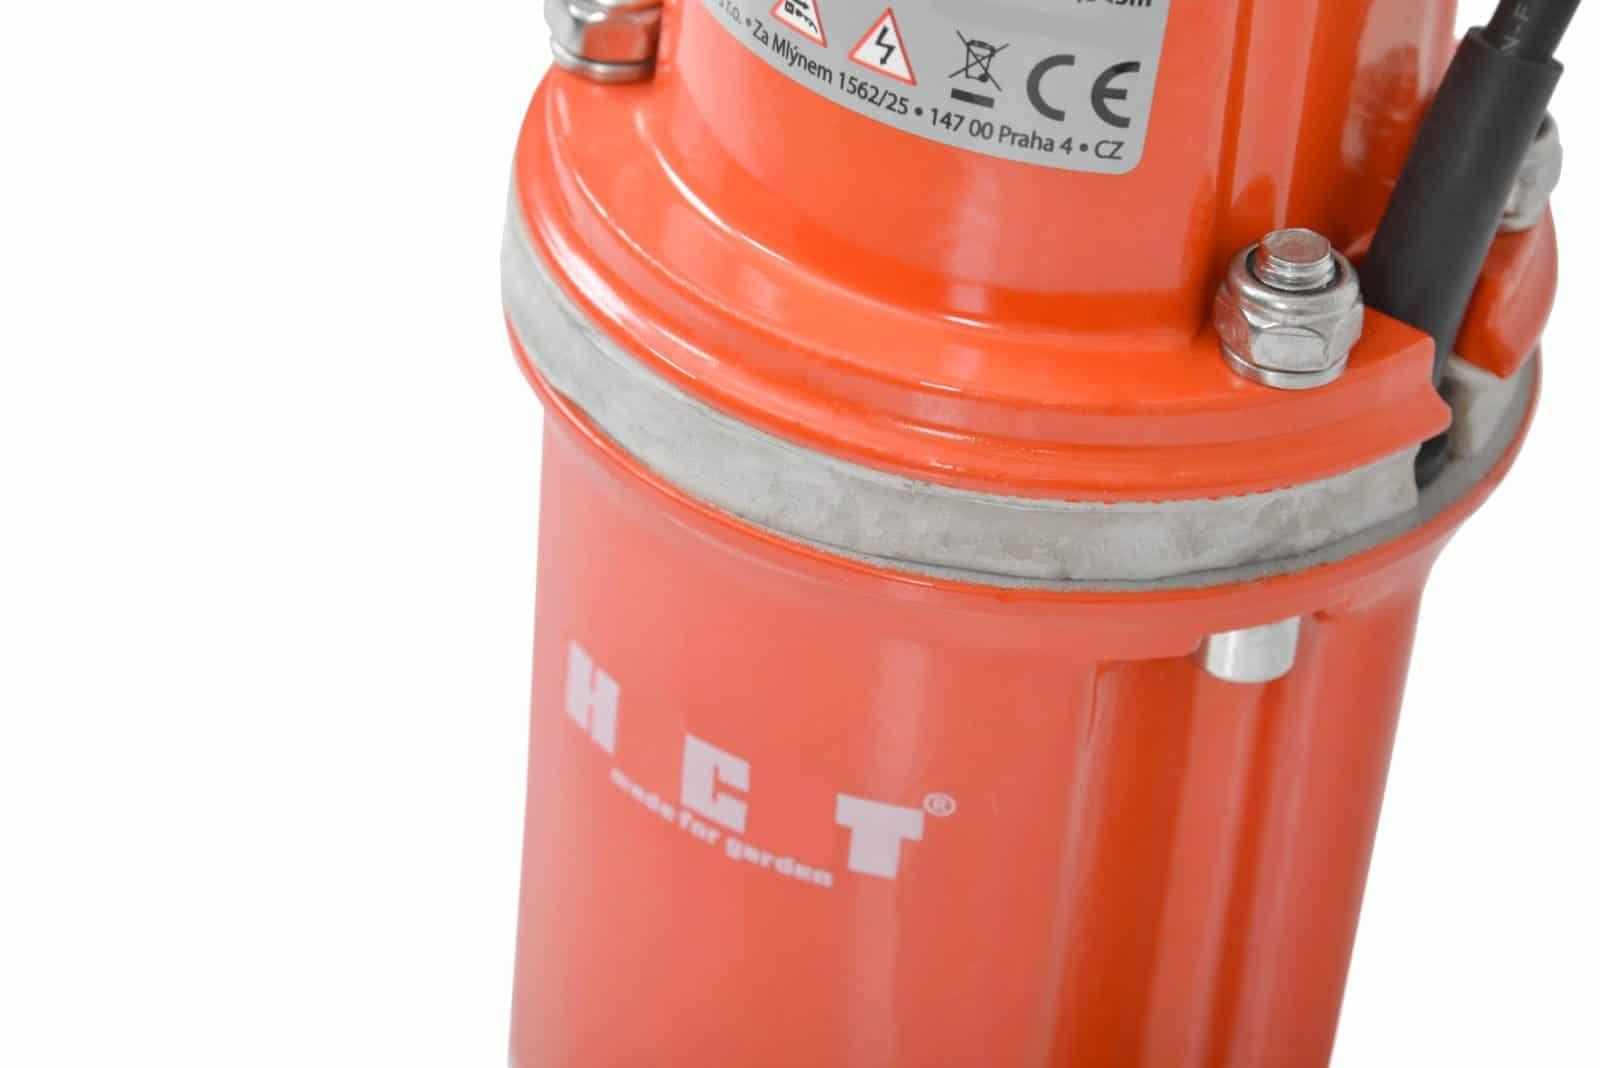 Bomba de água submersível HCT WP3602